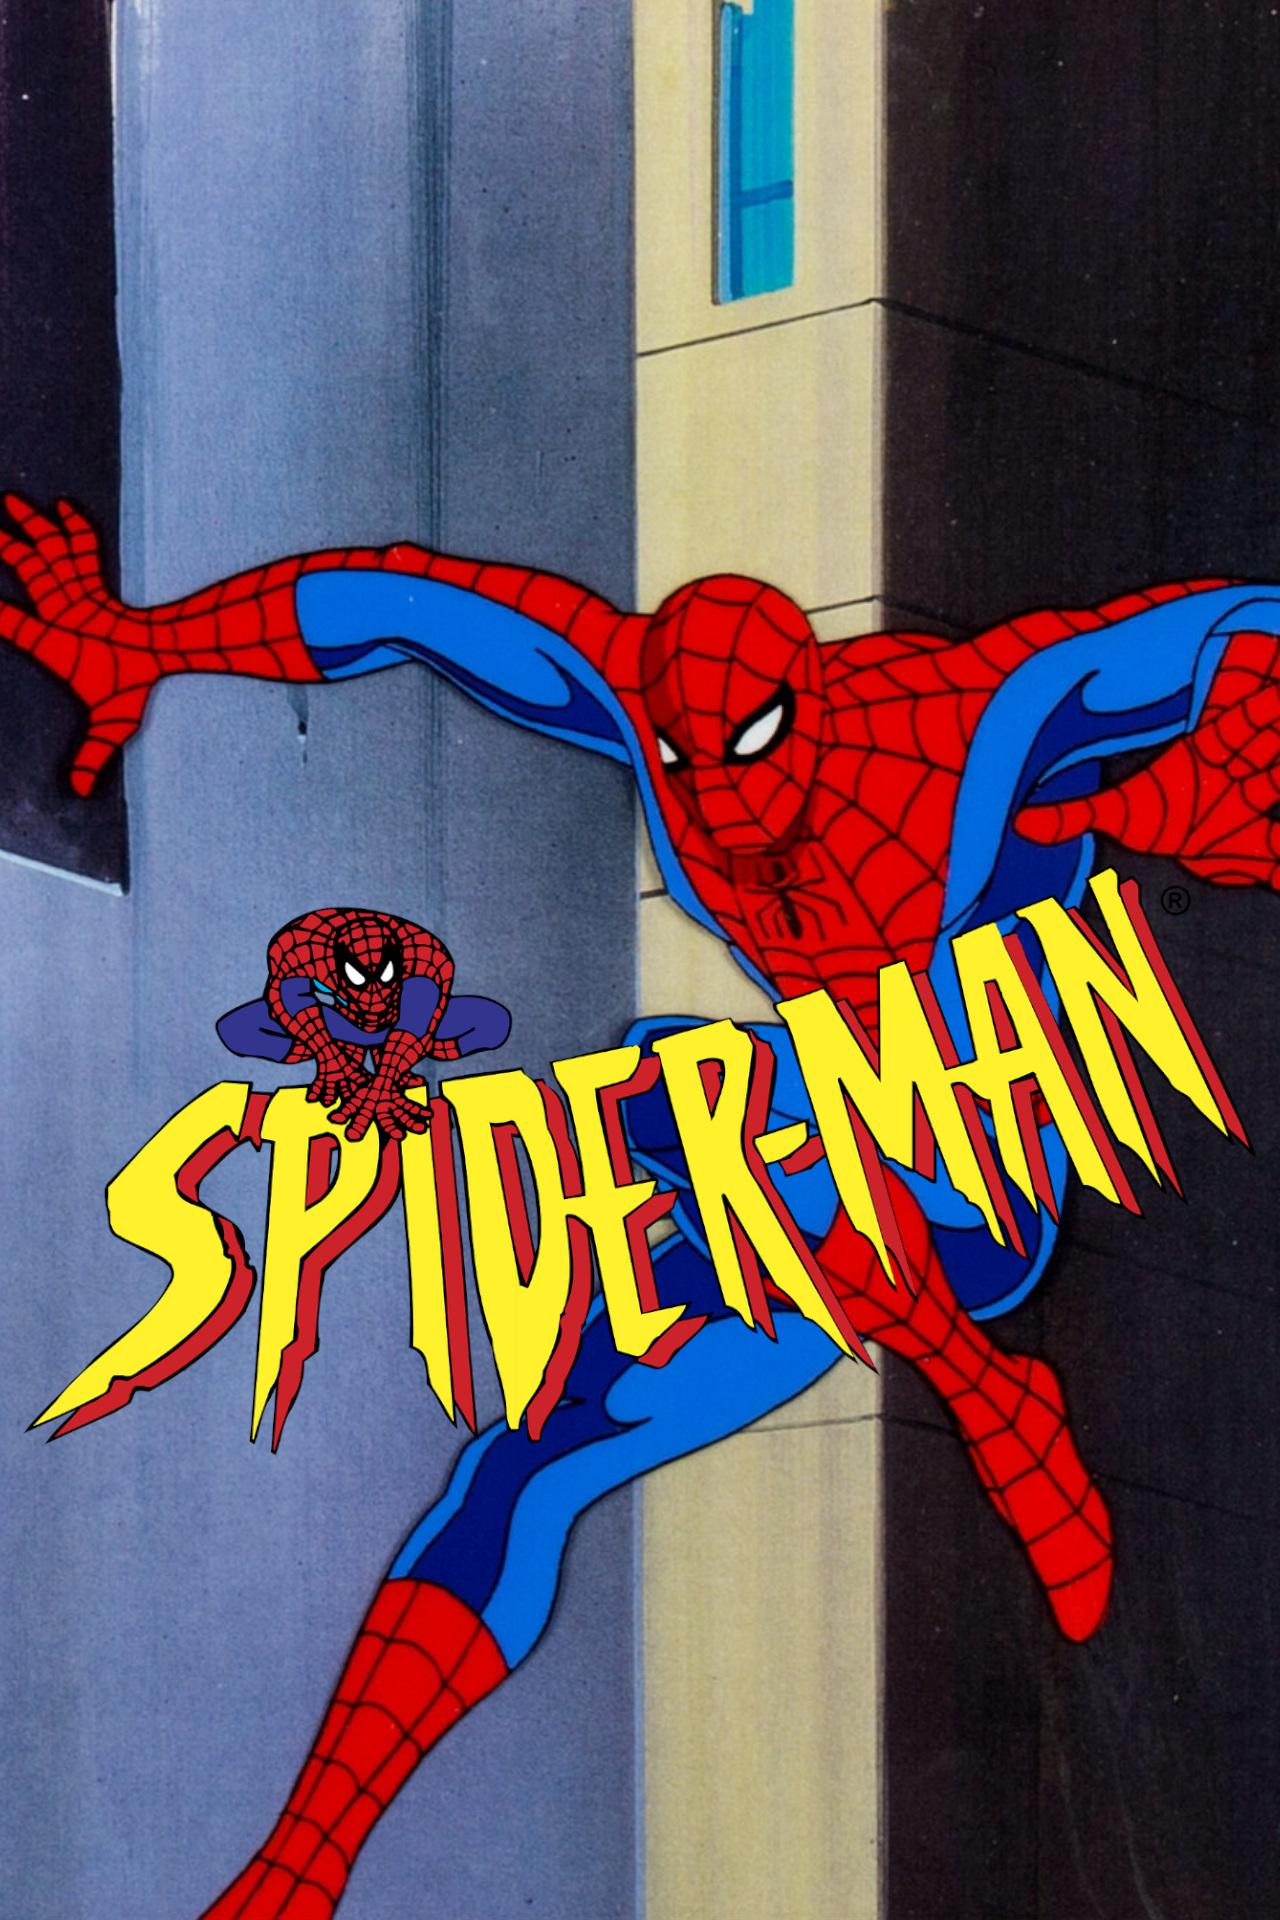 O Homem-Aranha da série animada dos anos 90 aparentemente estará em Homem-Aranha: No Aranhaverso 2, contando com a presença do dublador original Christopher Daniel Barnes.